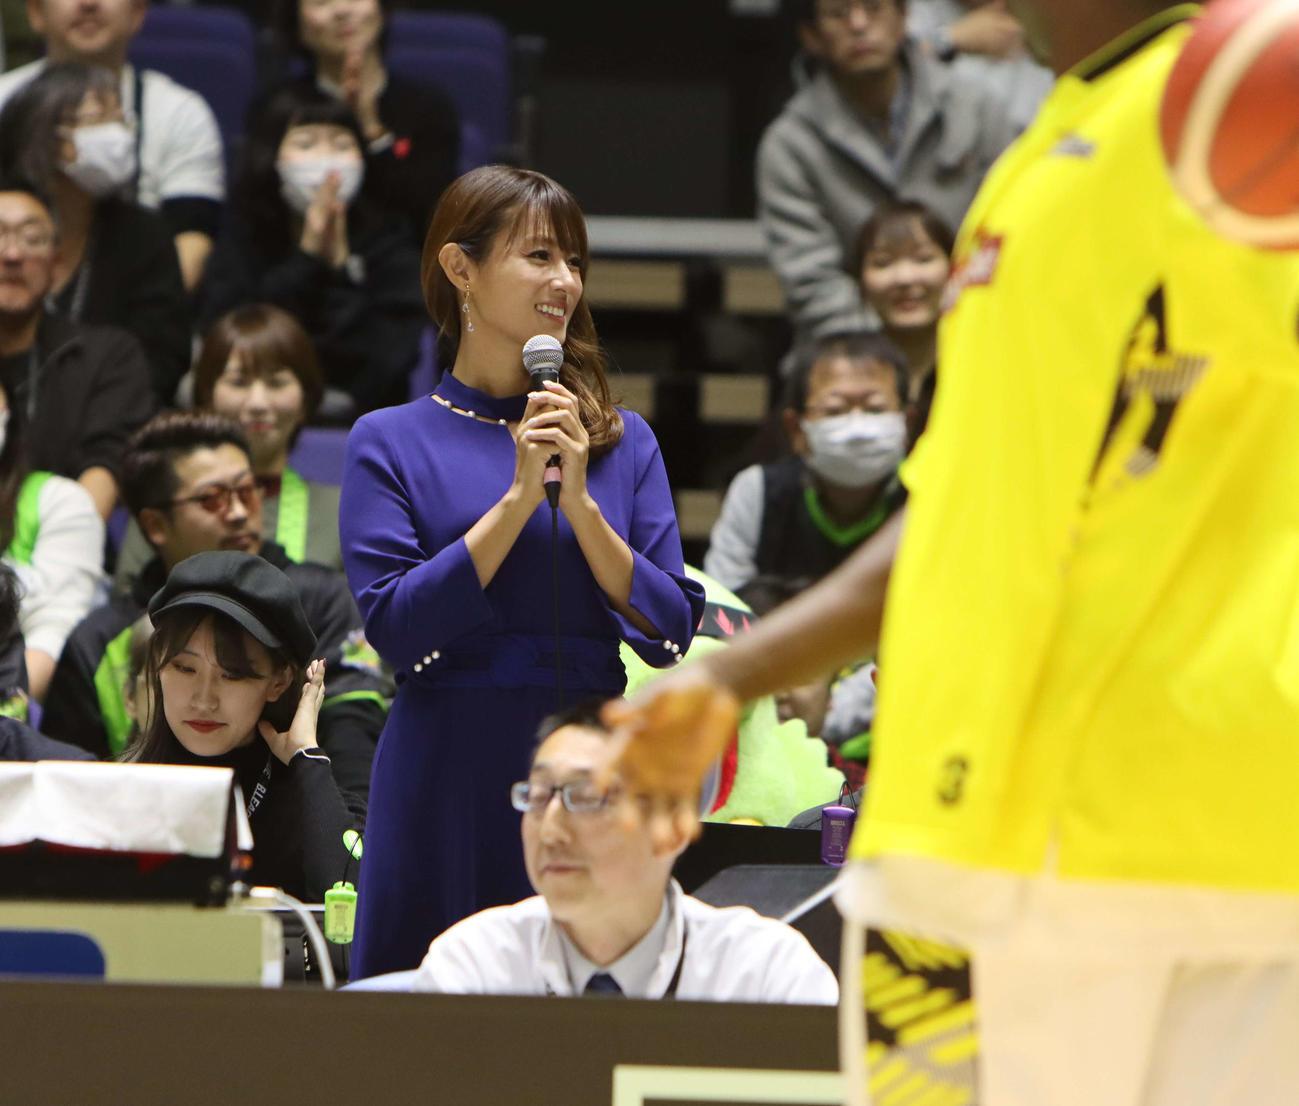 女優深田恭子がレバンガ北海道のホームゲームにゲストで登場(撮影・奥村昌治)